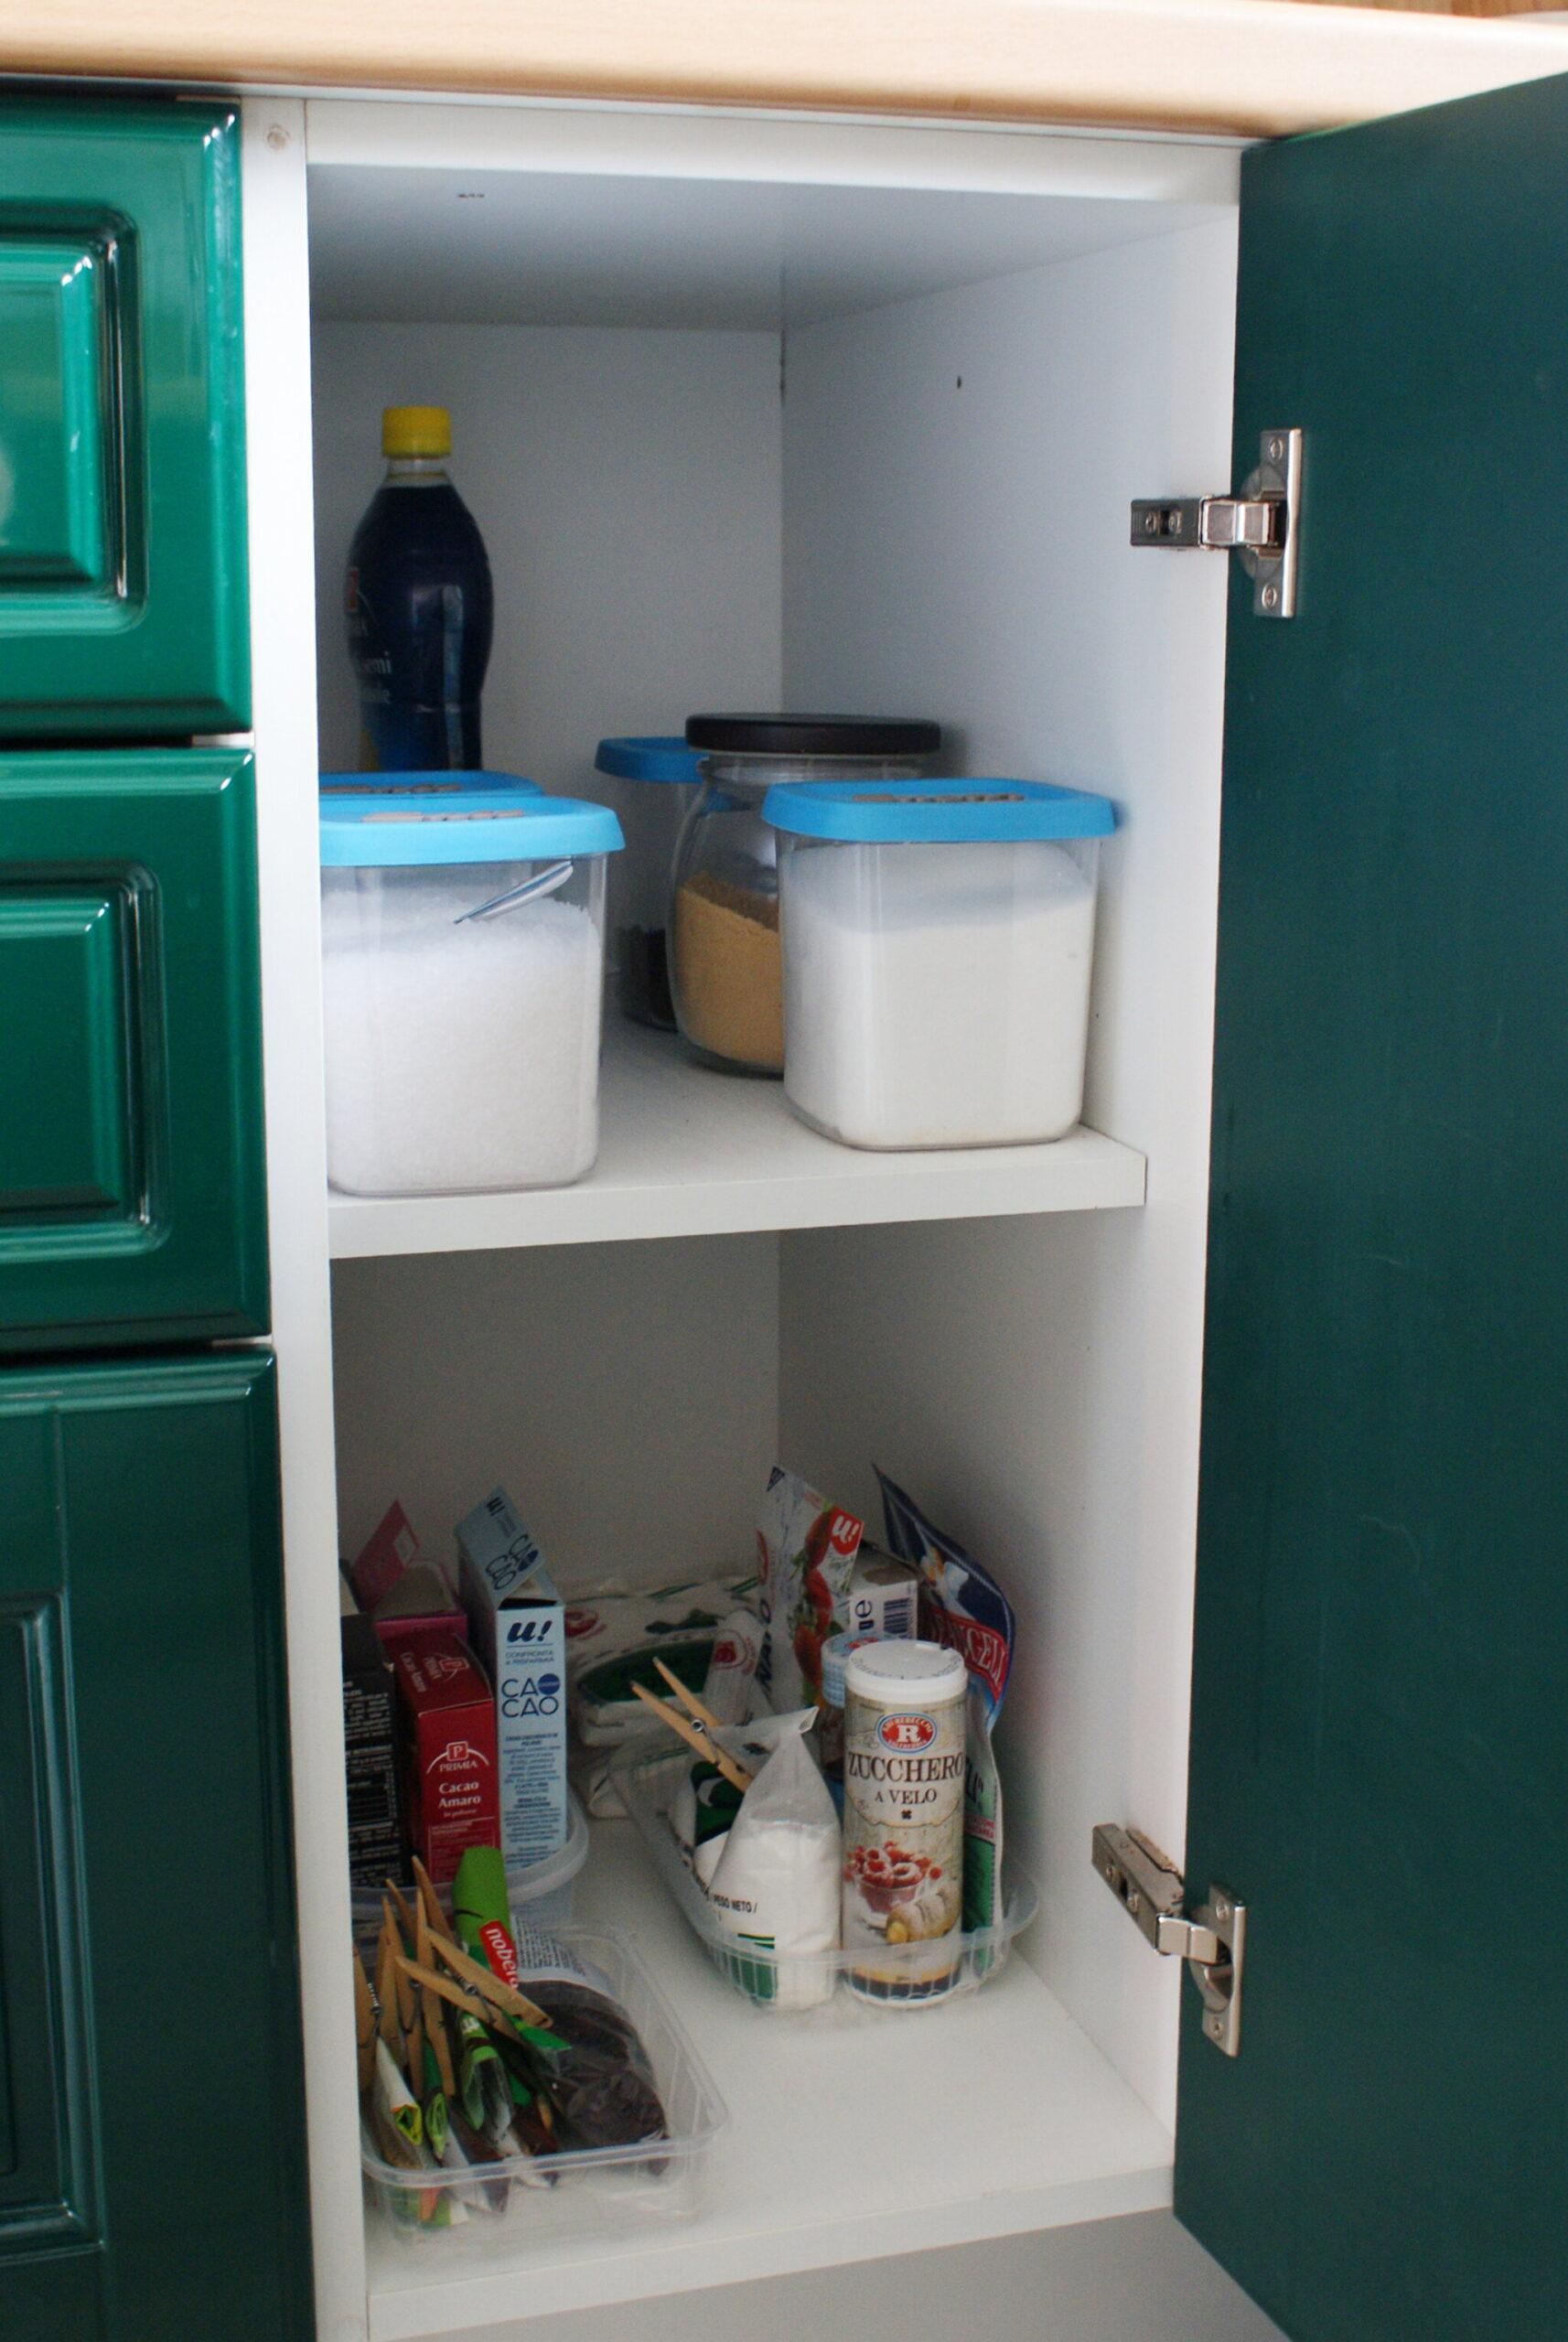 how declutter organize kitchen minimalist tips ulimate come organizzare riordinare cucina minimalista consigli storage pantry dispensa